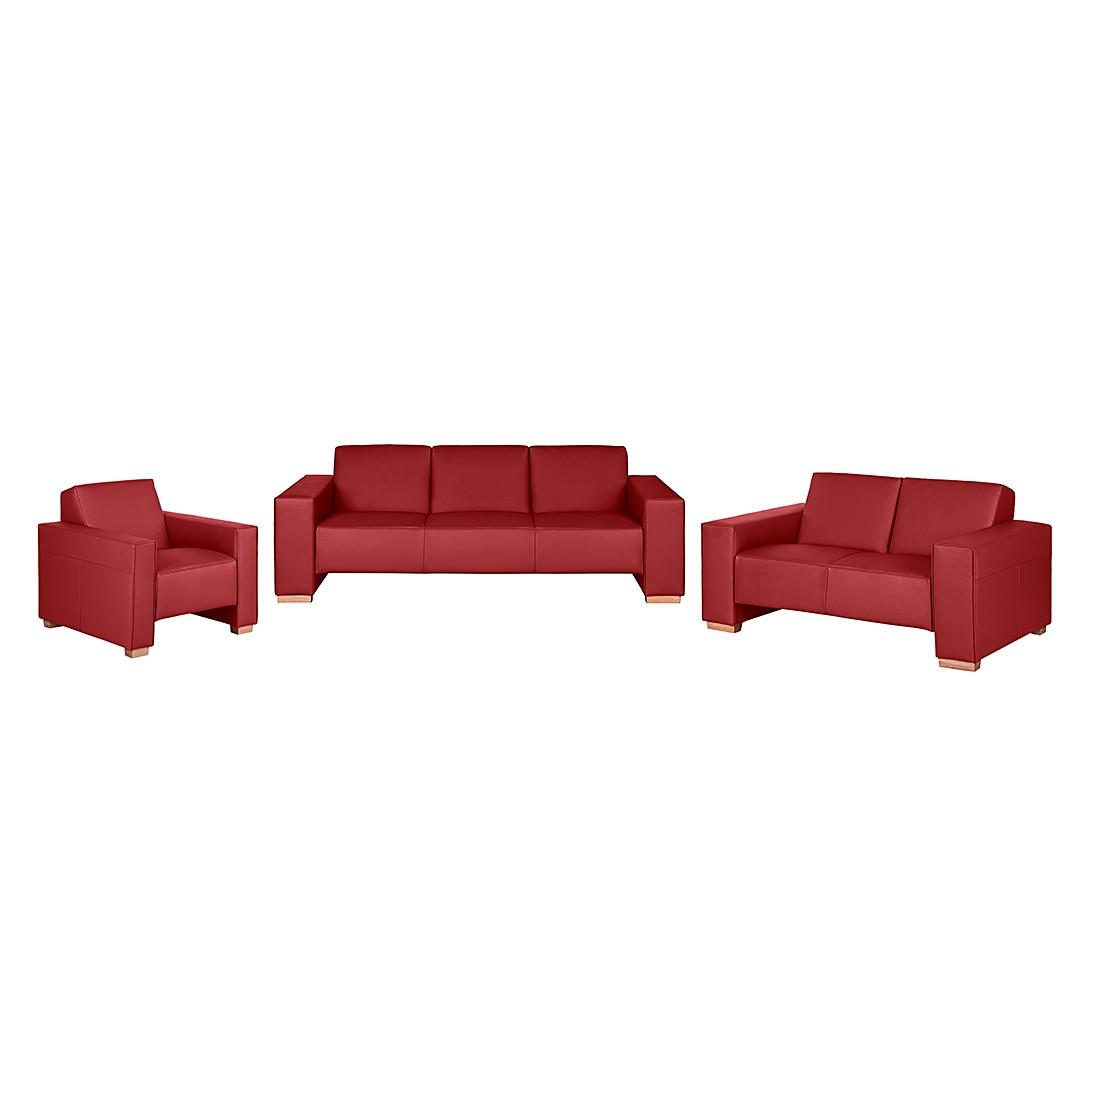 polstergarnitur midar 3 2 1 echtleder rot roomscape bestellen. Black Bedroom Furniture Sets. Home Design Ideas